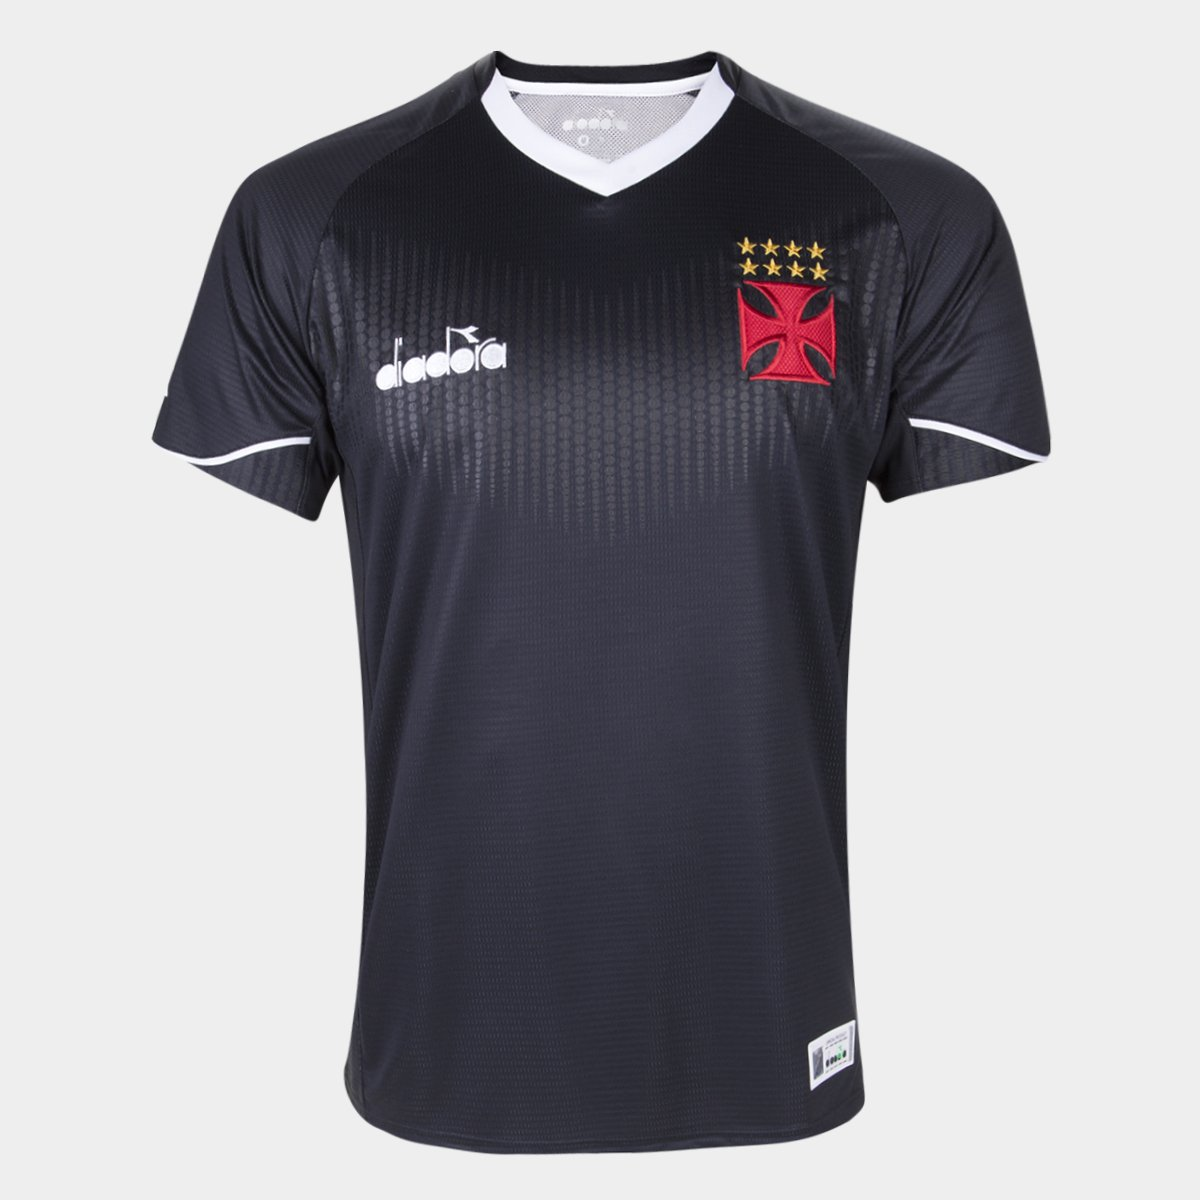 Camisa de Goleiro Vasco III 2018 s n° Torcedor Diadora Masculina ... 65a041d9d1a59